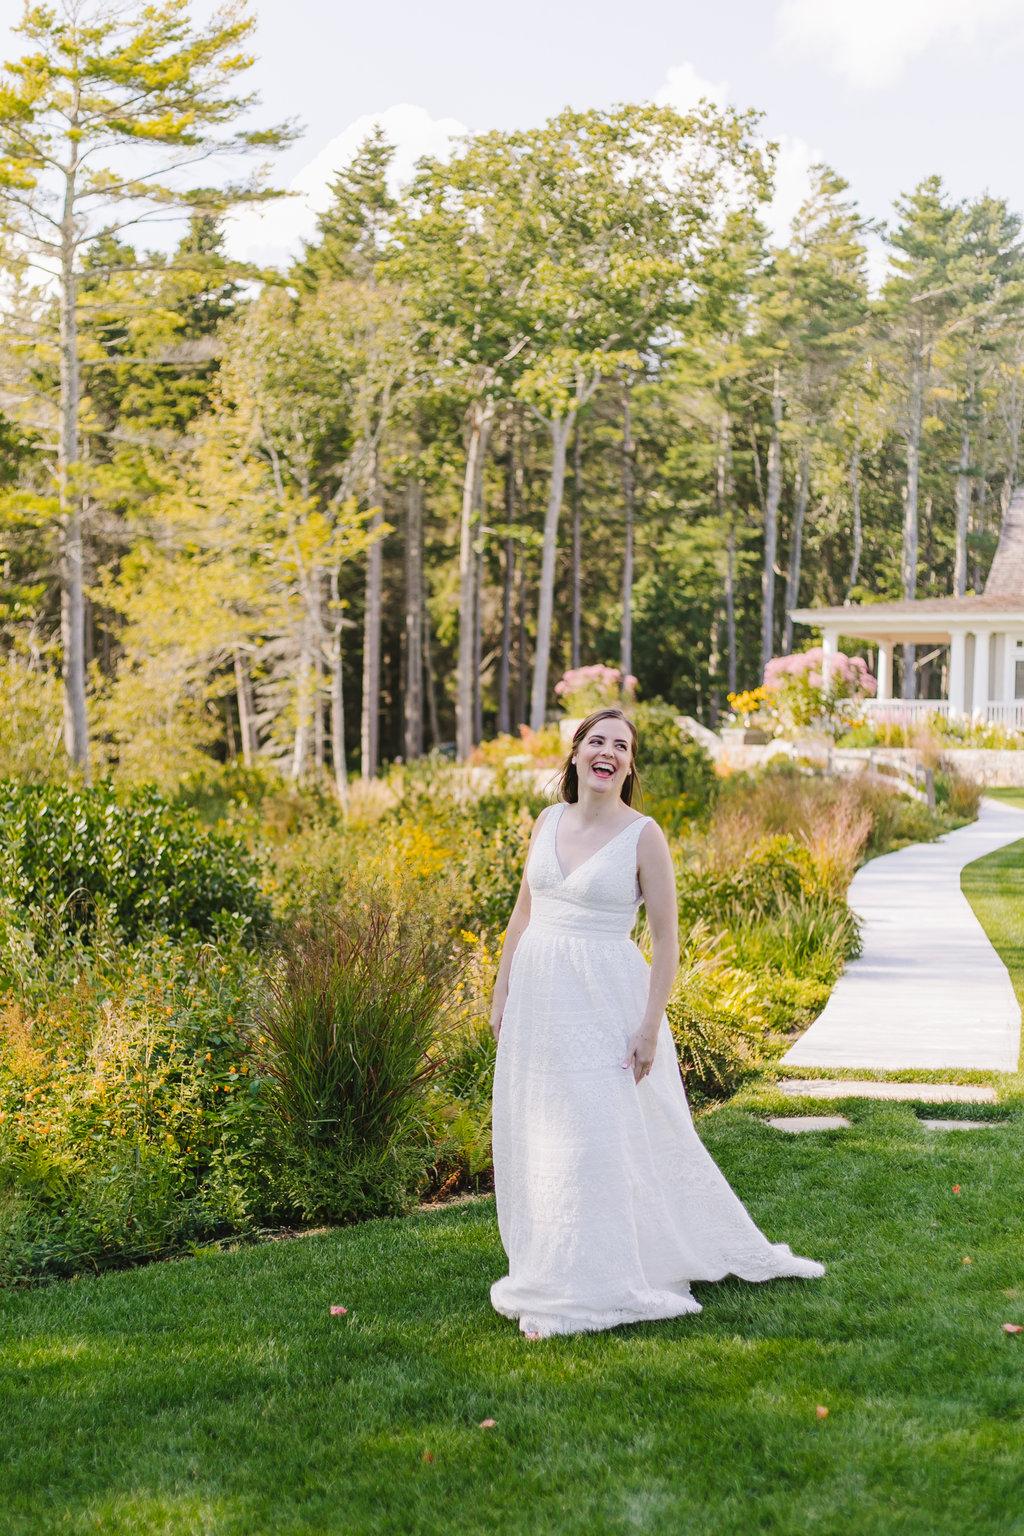 Laura+MasonWeddingbyHillary-EmilyTebbettsPhotography--133.jpg